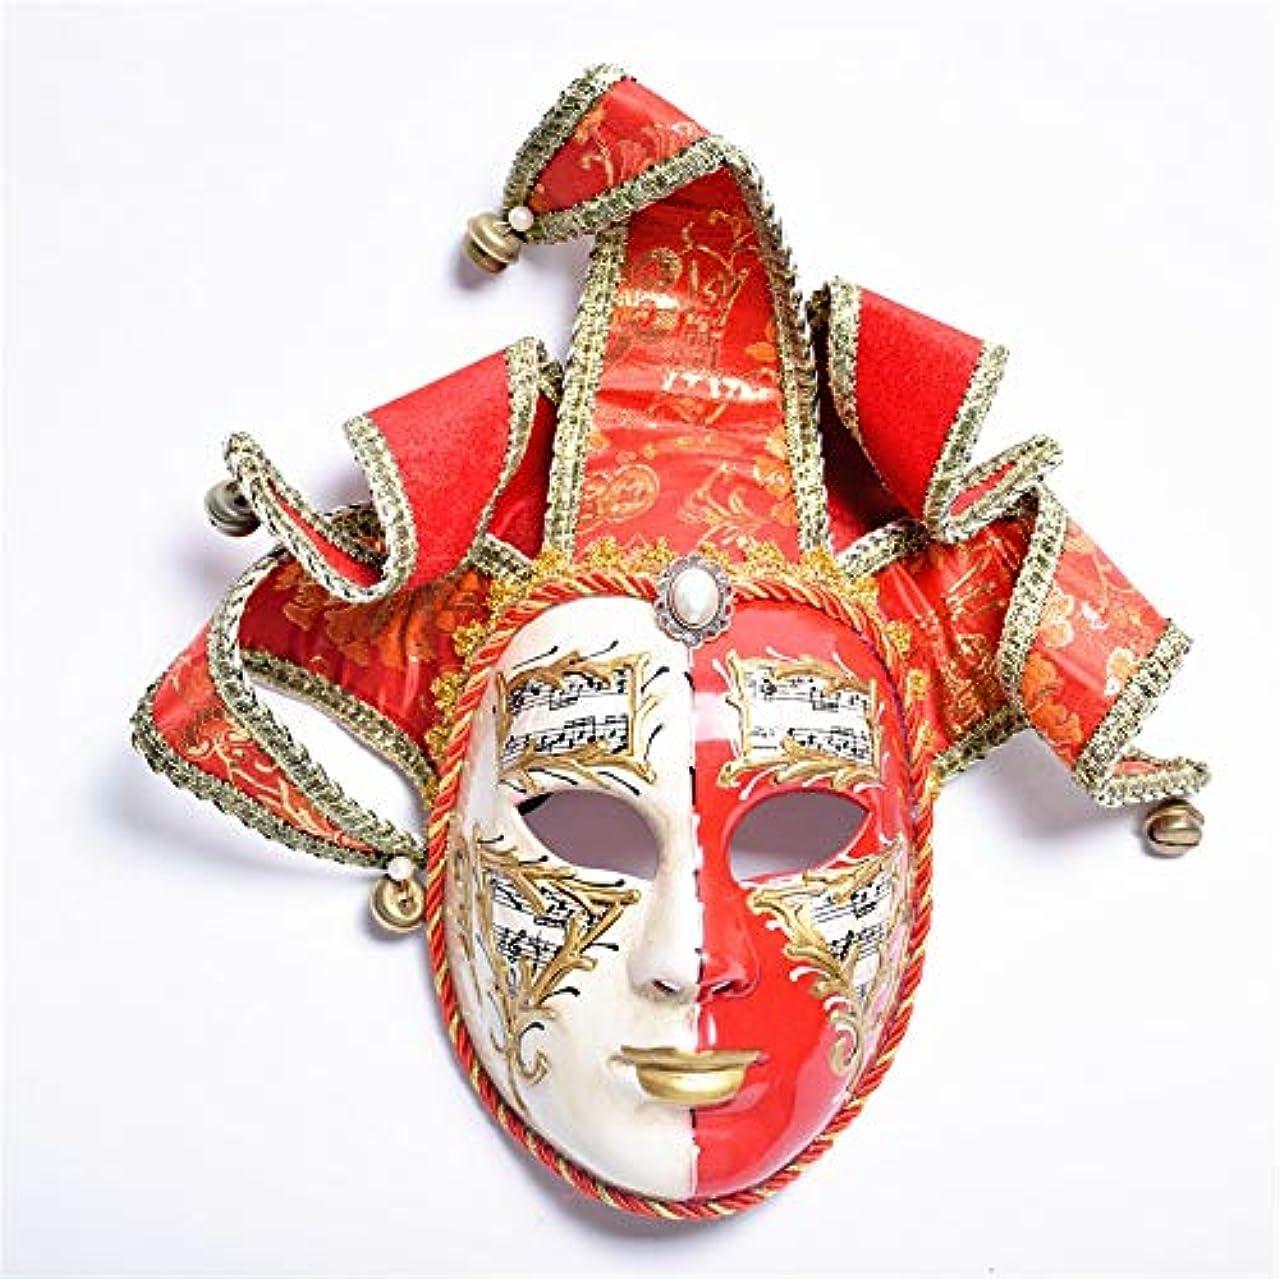 綺麗なスプリットラグダンスマスク レッドゴールドマスク女性仮装パーティーナイトクラブロールプレイング装飾プラスチックマスク ホリデーパーティー用品 (色 : Red+Gold, サイズ : 33x31cm)